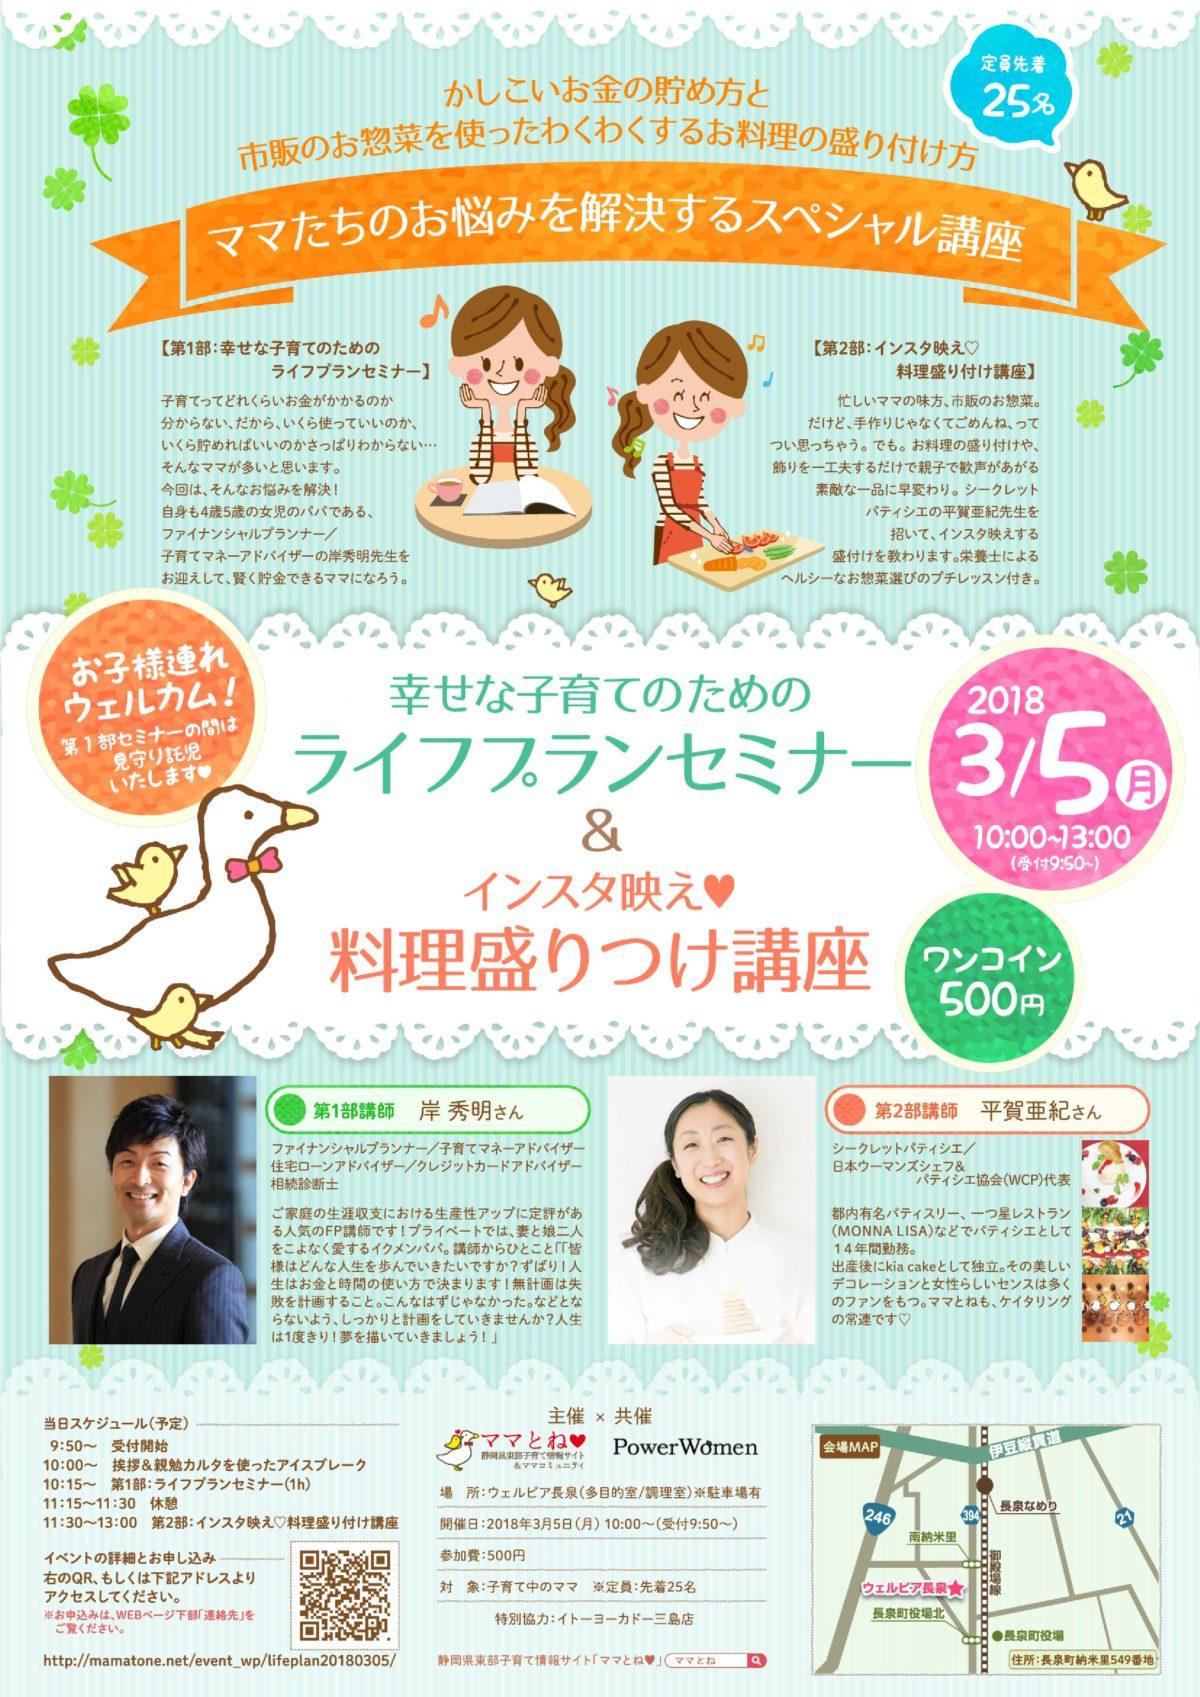 【残わずか】ワンコイン講座✨幸せな子育てのためのライフプランセミナー & インスタ映え♡ 料理盛りつけ講座